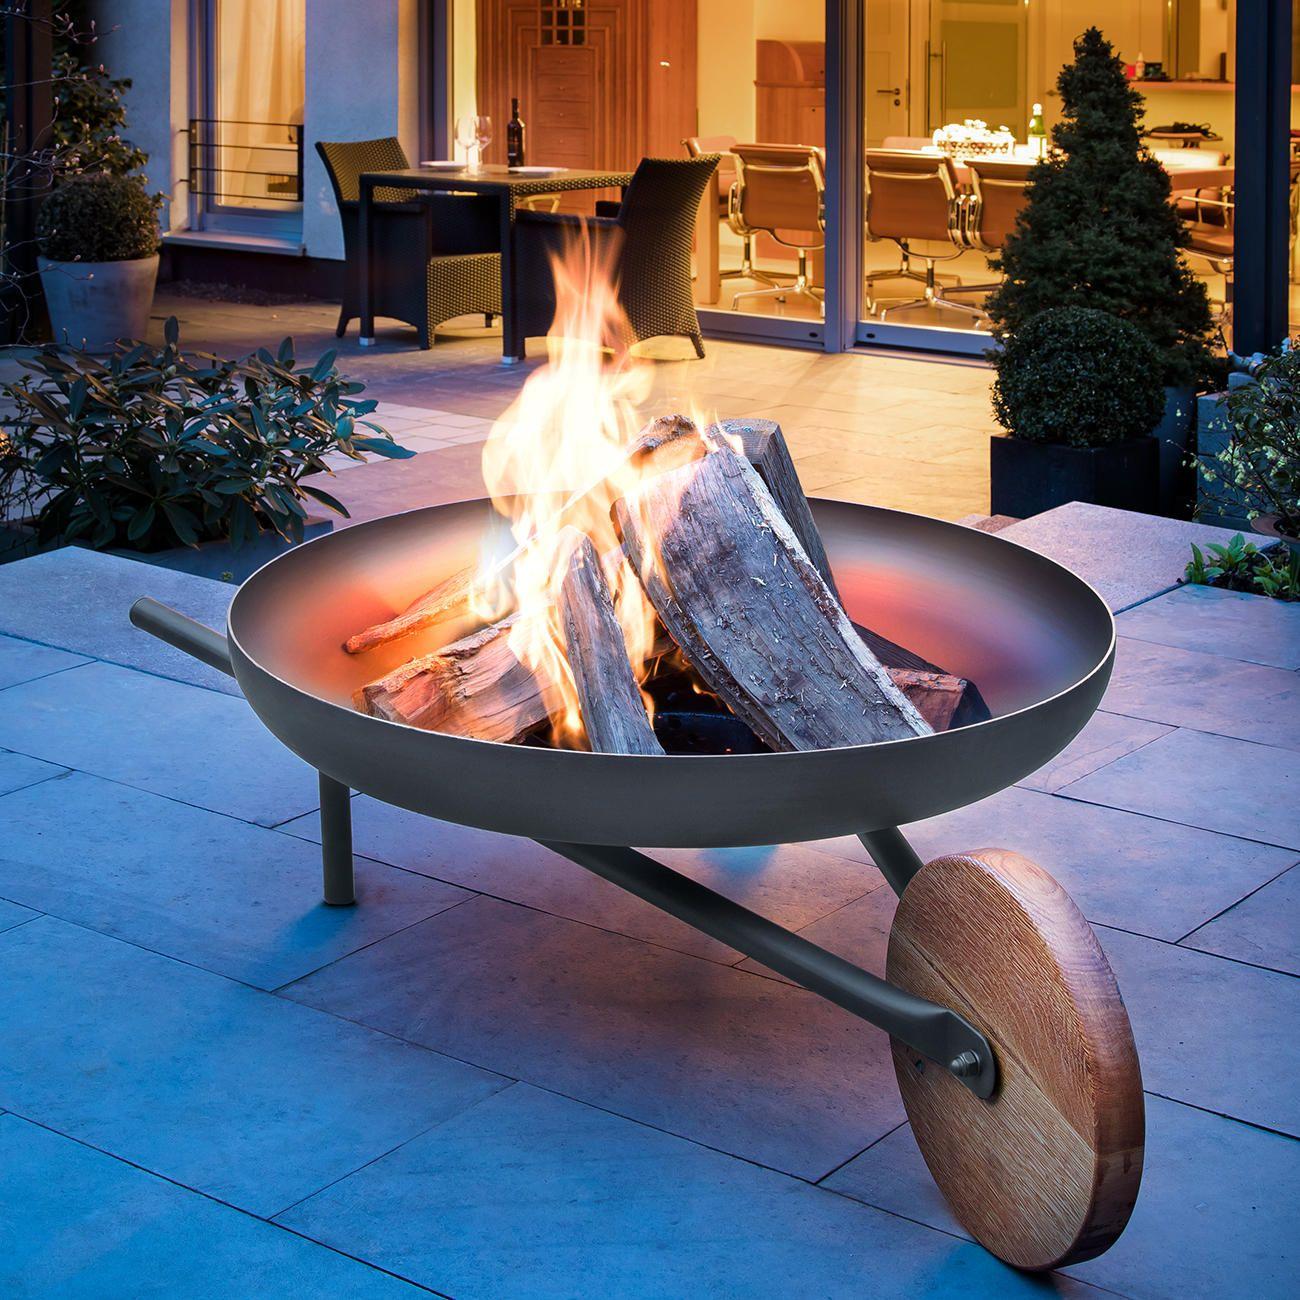 feuerschale mit grillfunktion barrow z nftiges lagerfeuer 81 cm grill und sogar bequem. Black Bedroom Furniture Sets. Home Design Ideas